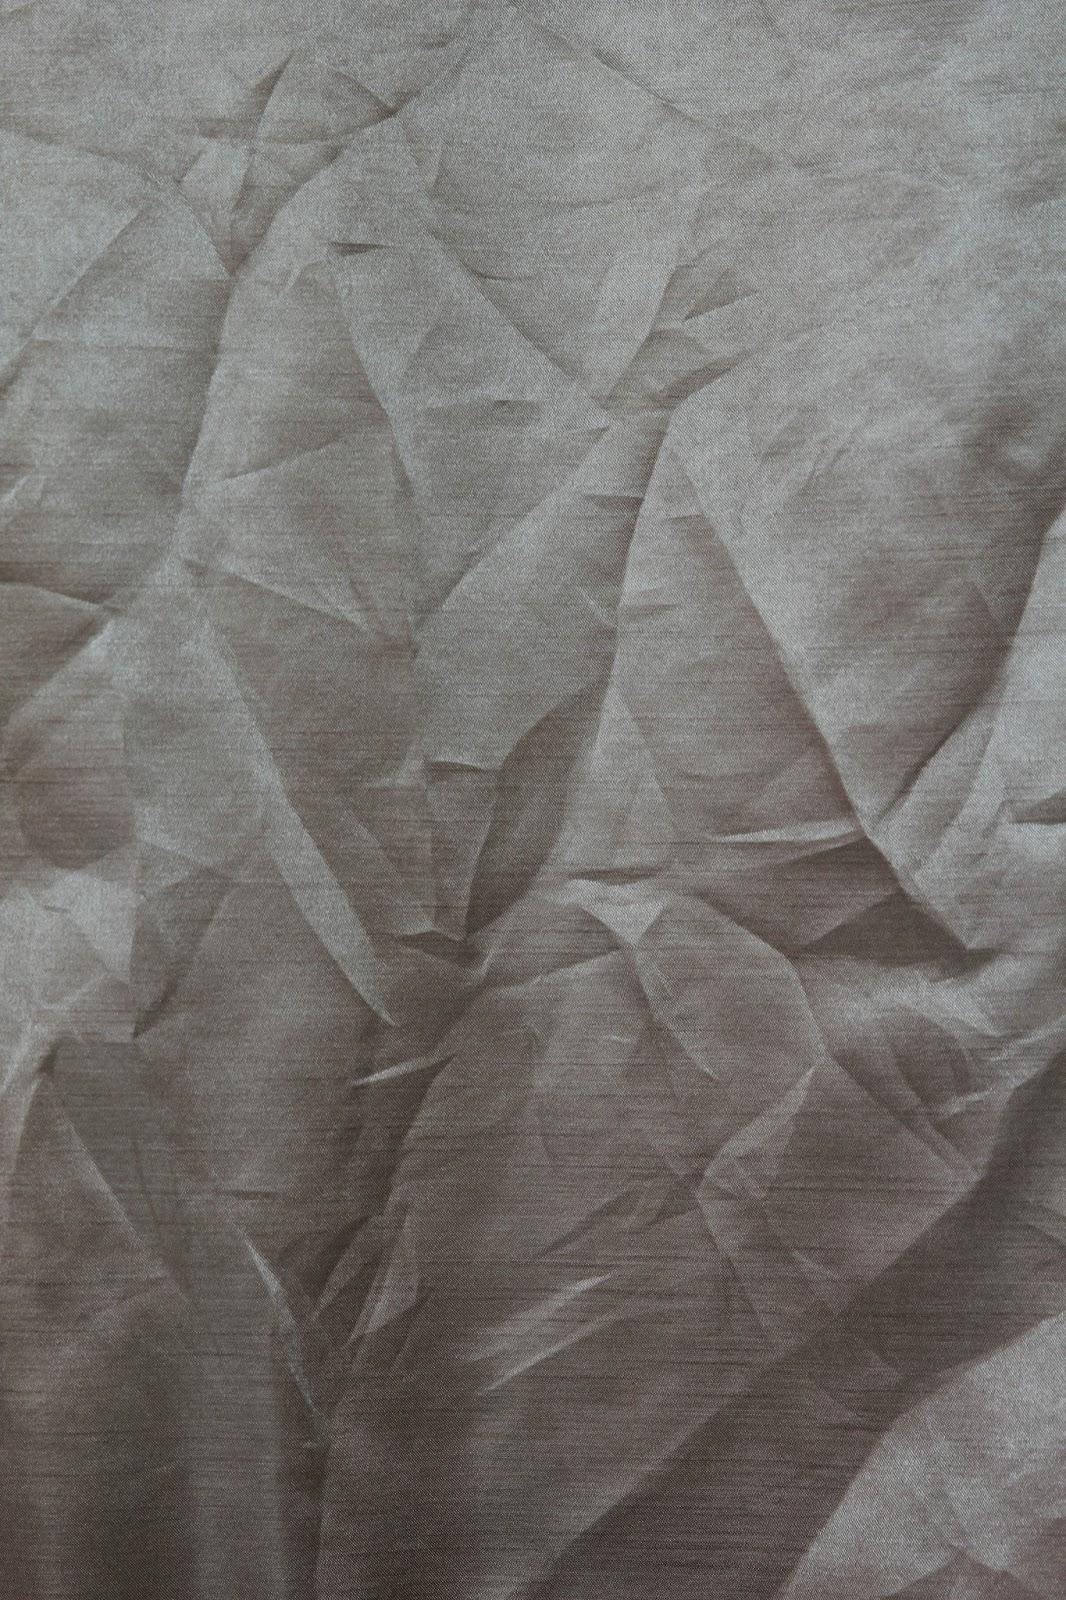 Wrinkled Shiny Fabric 2560